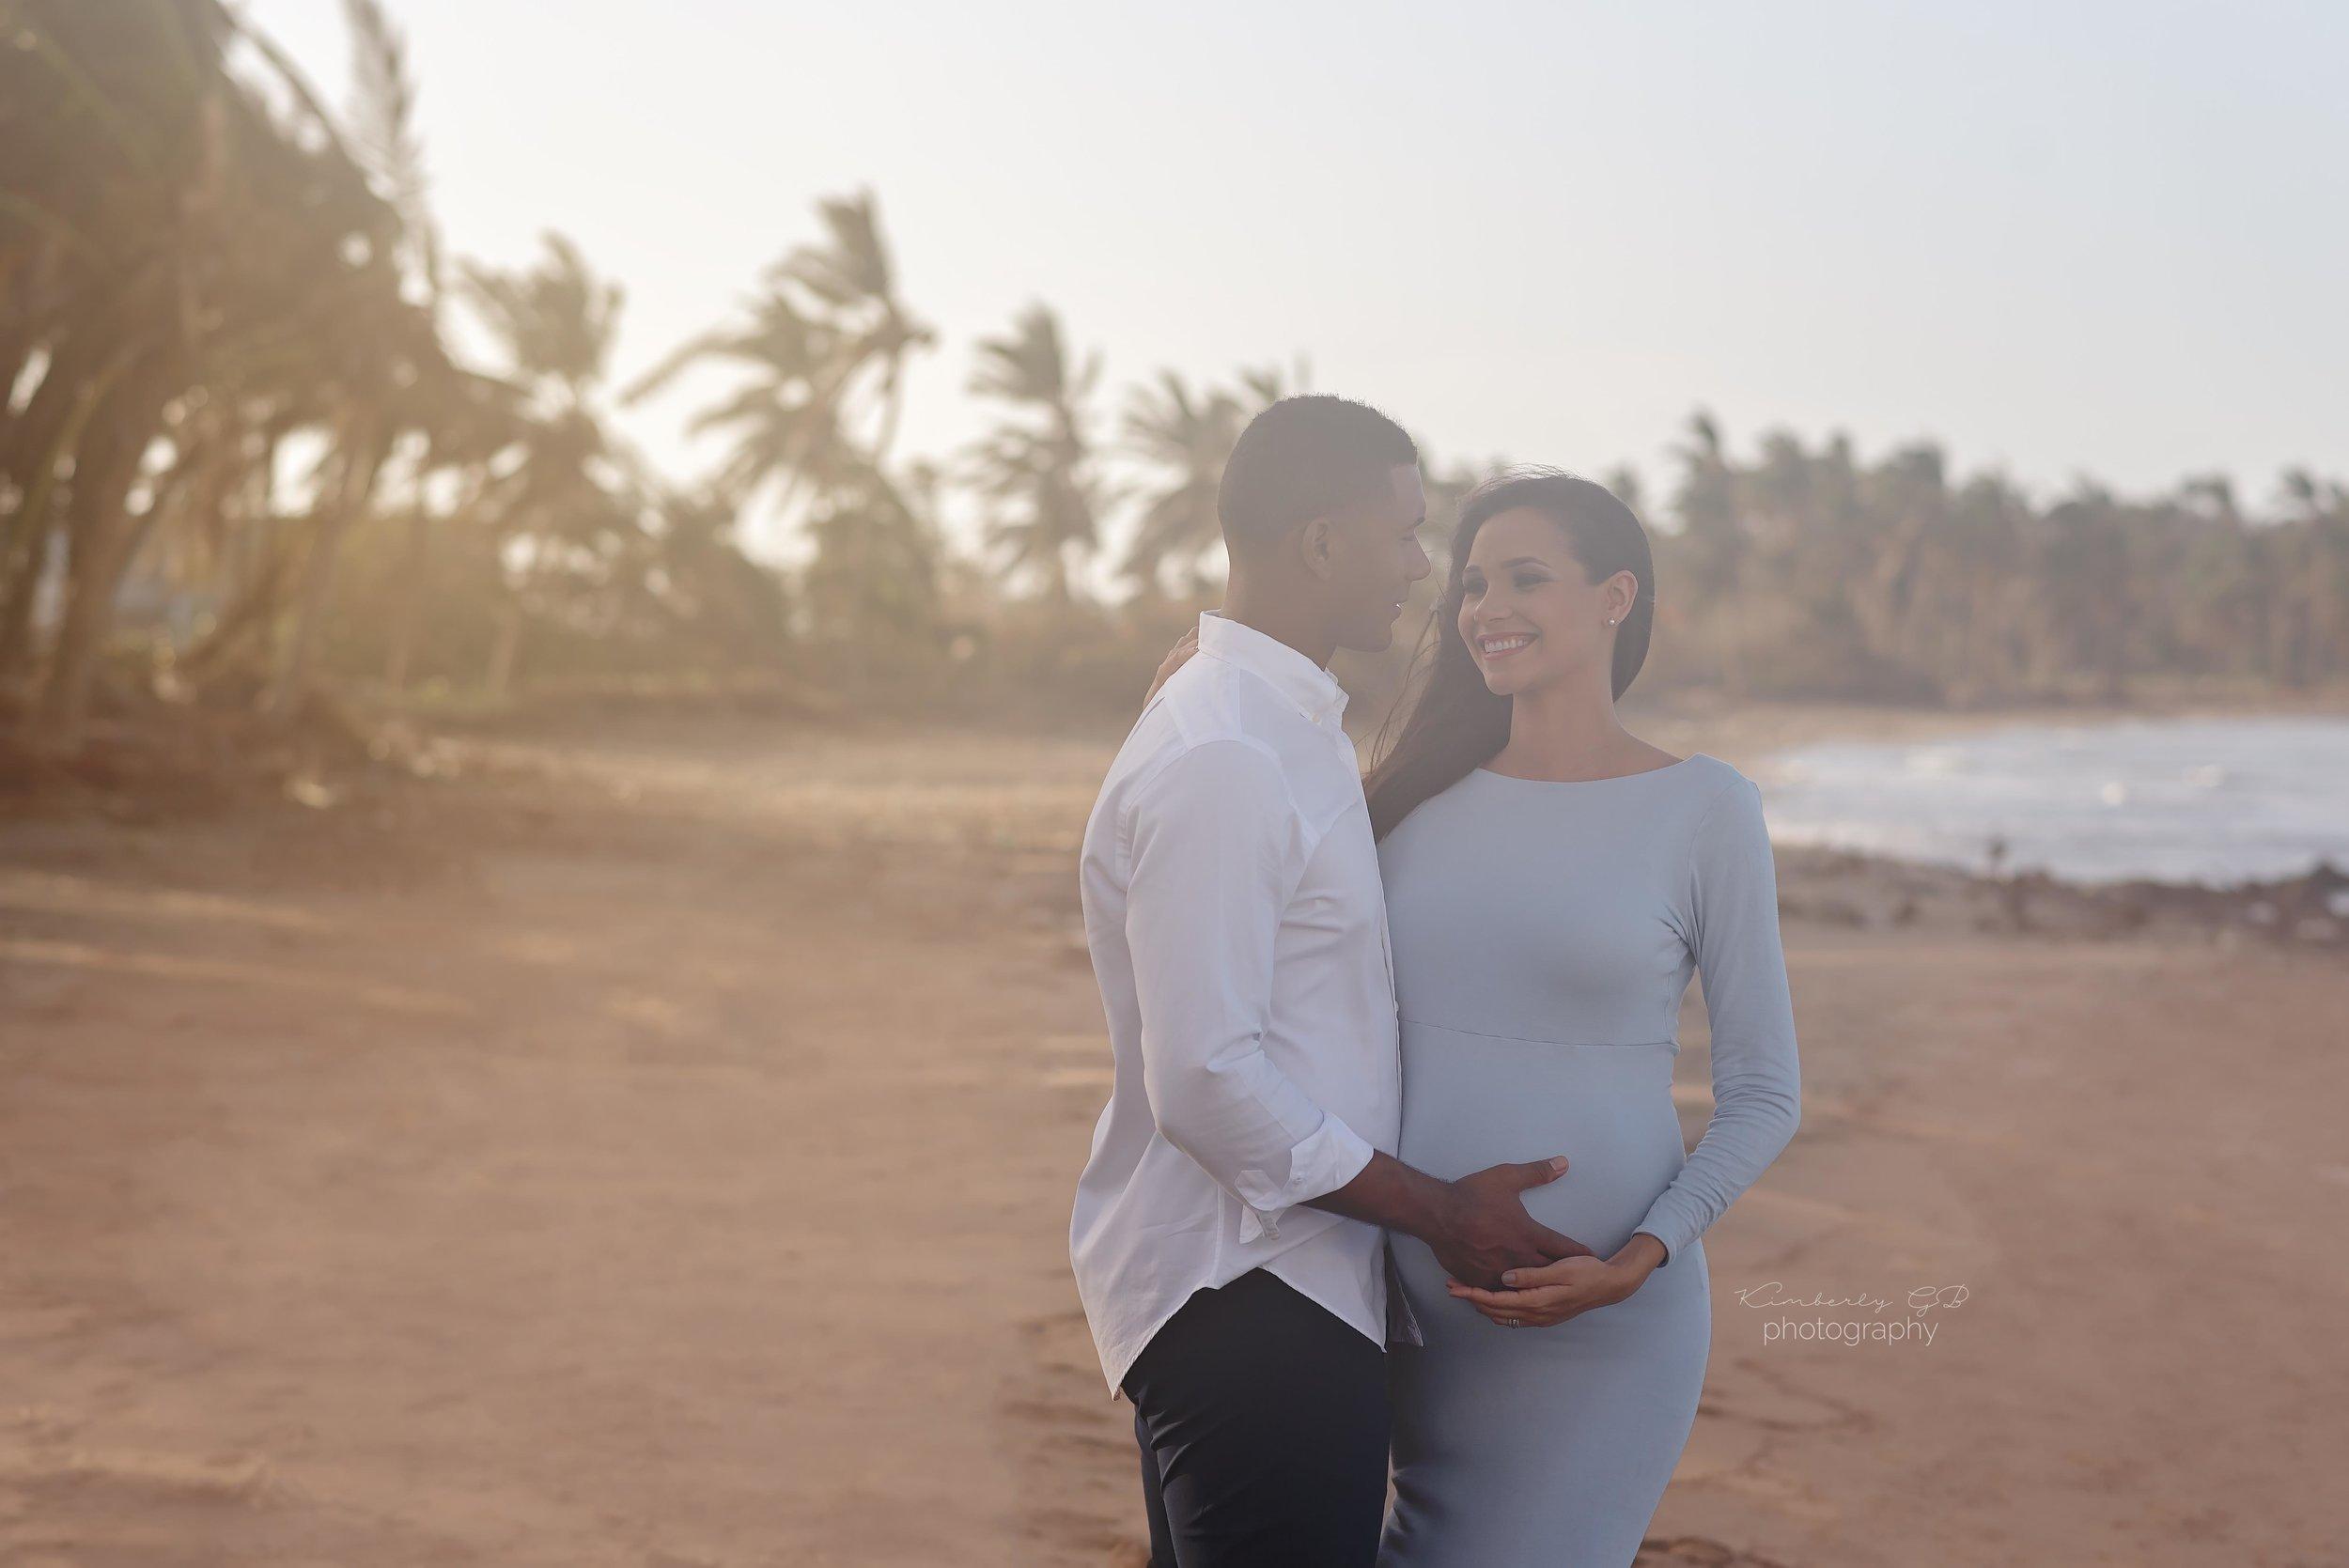 fotografa-de-maternidad-en-puerto-rico-fotografia-48.jpg